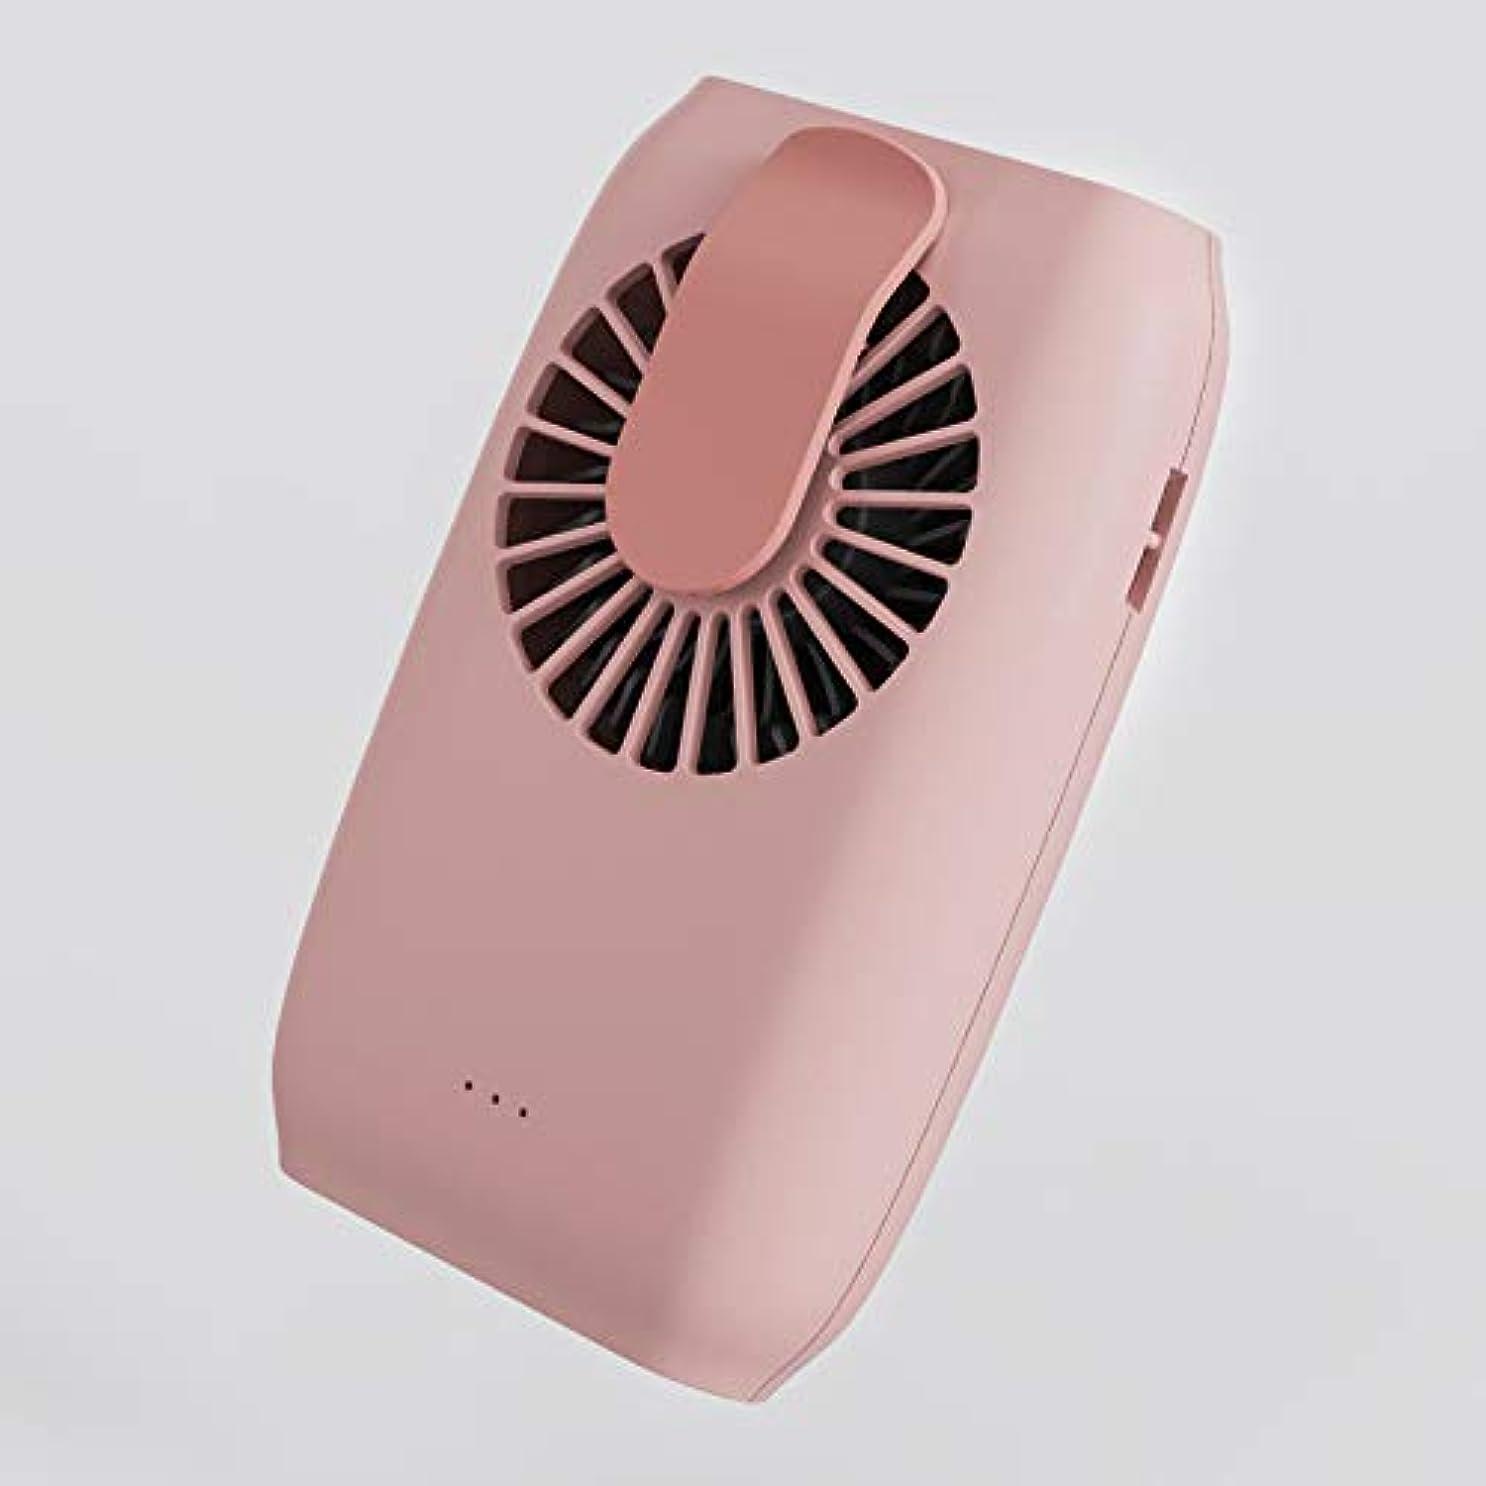 試す行く瞑想【2020最新バージョン】携帯扇風機 腰ベルト扇風機 USB充電式 静音 扇風機 首掛け 2000mAh 風量3段階調節 /パワーバンクとして使用可能/旅行/自宅/屋外作業 熱中症対策 (粉ピンク)